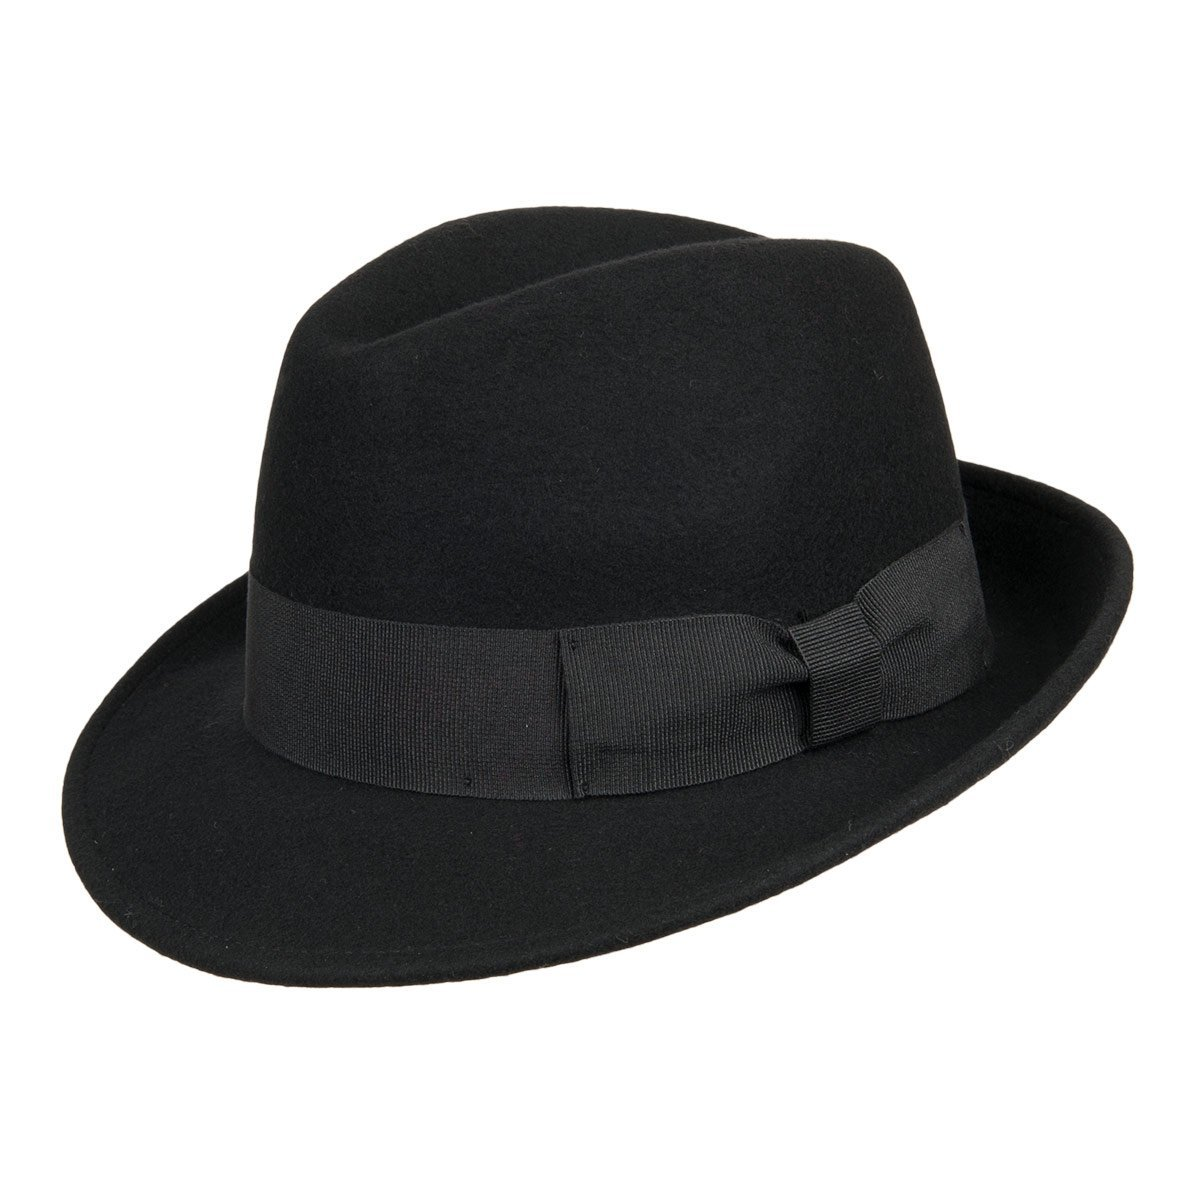 cappello in feltro modello classico a falda media per uomo e donna ... 4060252da117